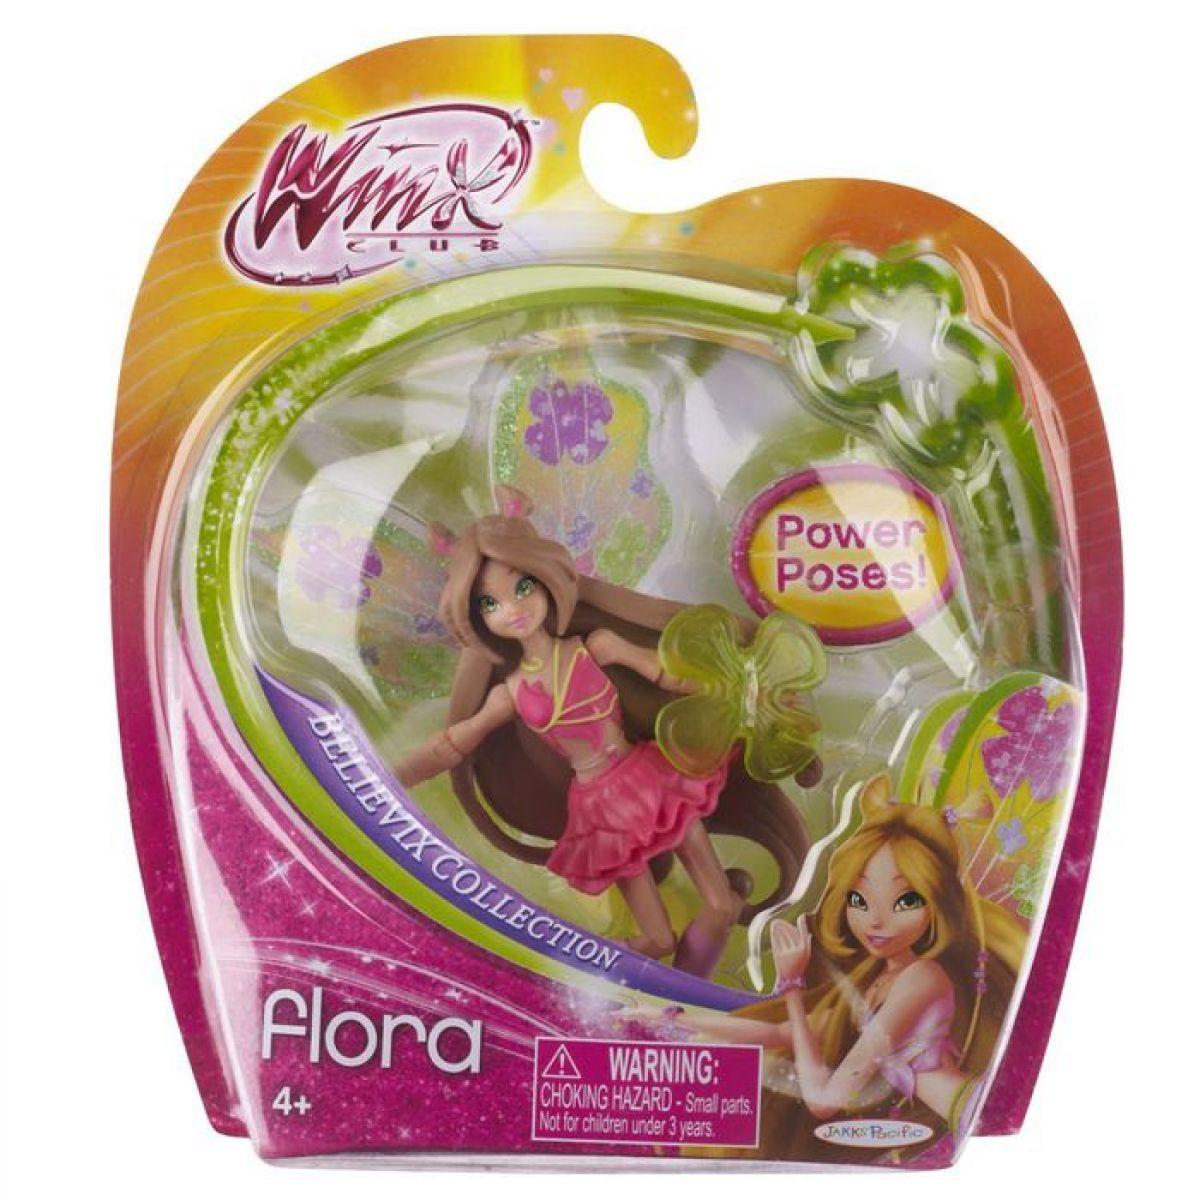 Panenka WinX Believix Action Dolls - Aisha